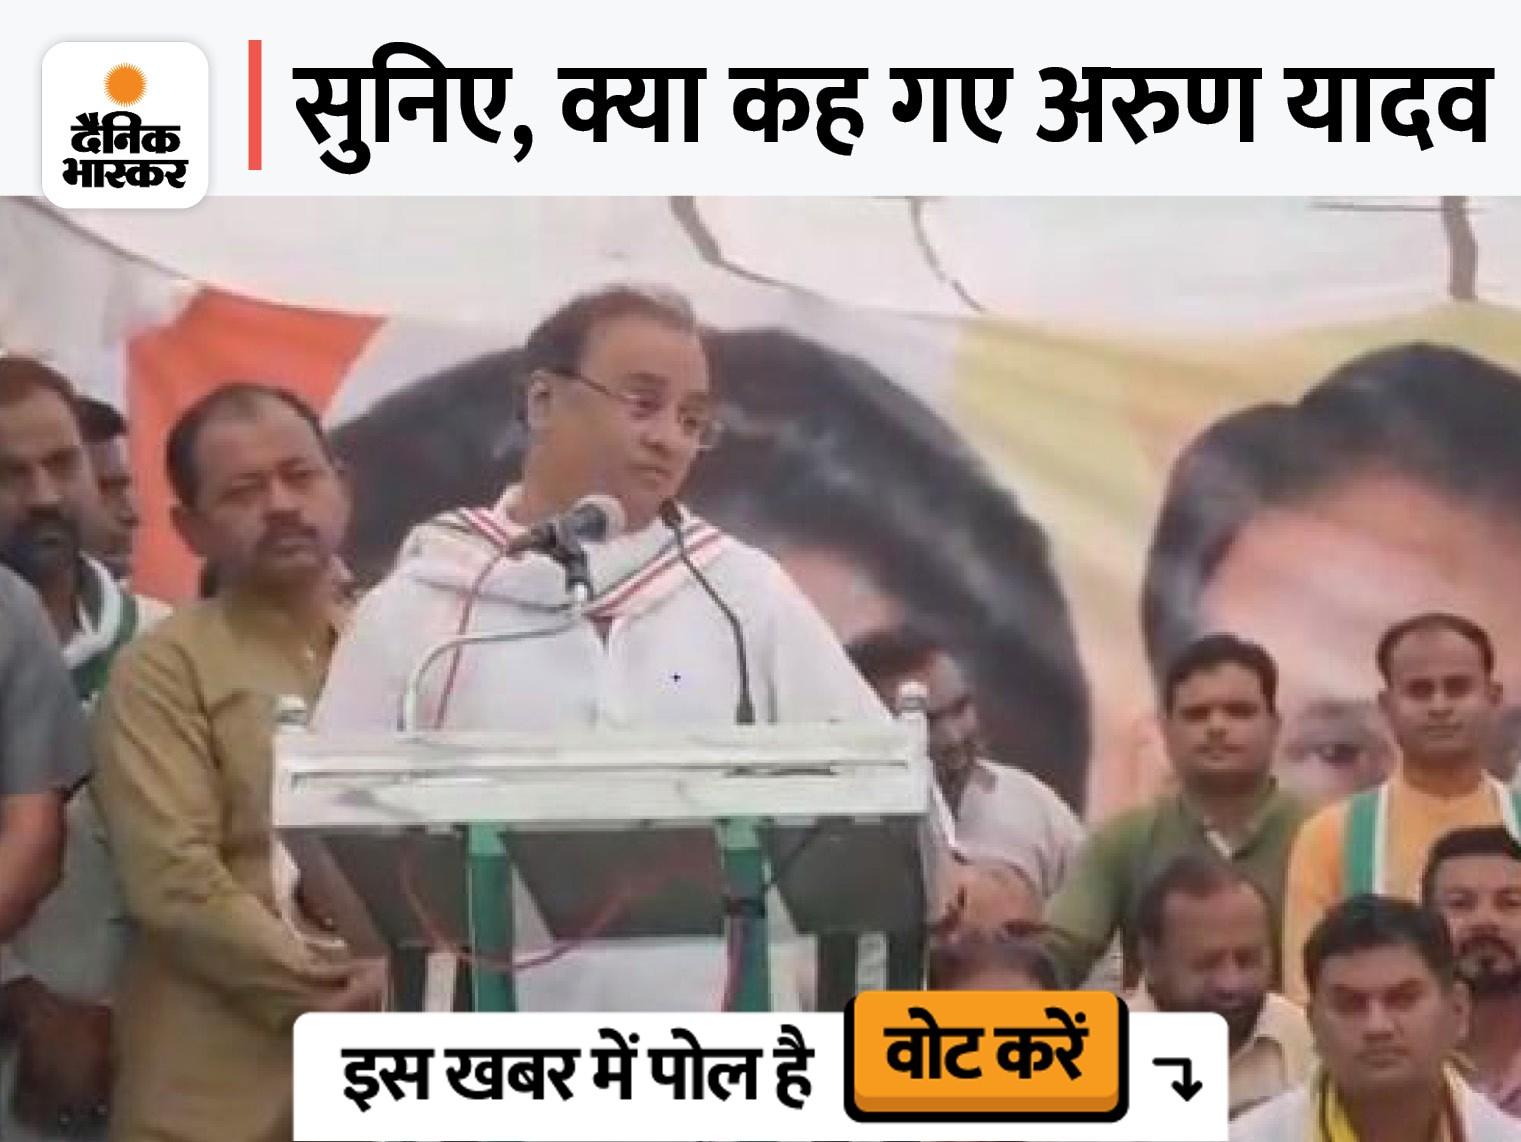 चुनावी सभा में बोले- जिनके लिए महंगाई पहले डायन थी, अब हेमा मालिनी बन गई|खंडवा,Khandwa - Dainik Bhaskar